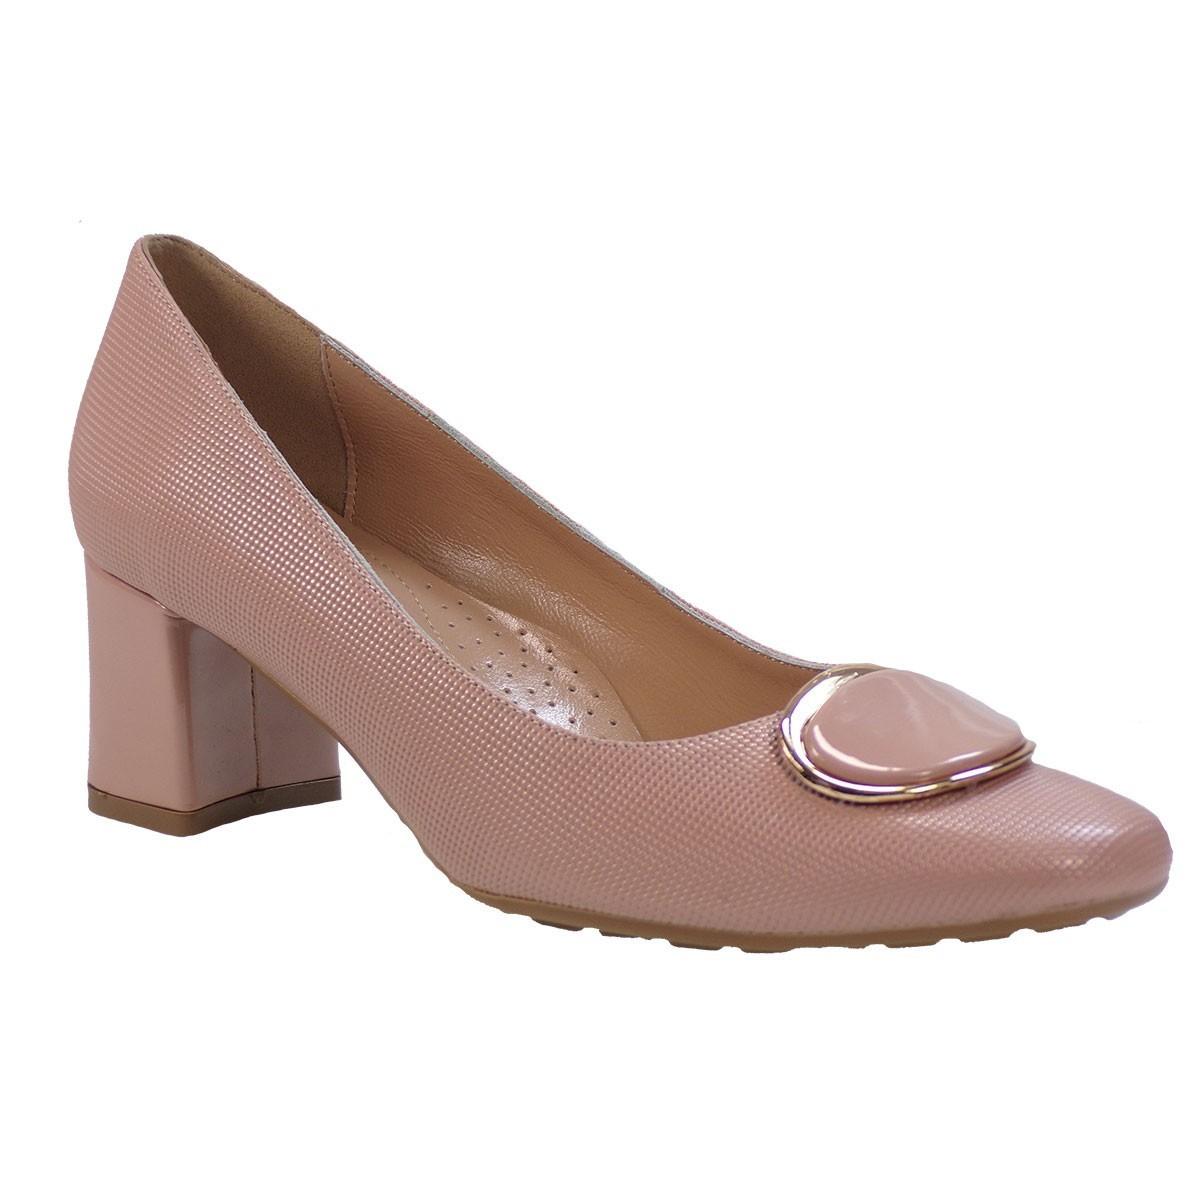 Envie Shoes Γυναικείες Παπούτσια Γόβες E02-09041-90 Nude